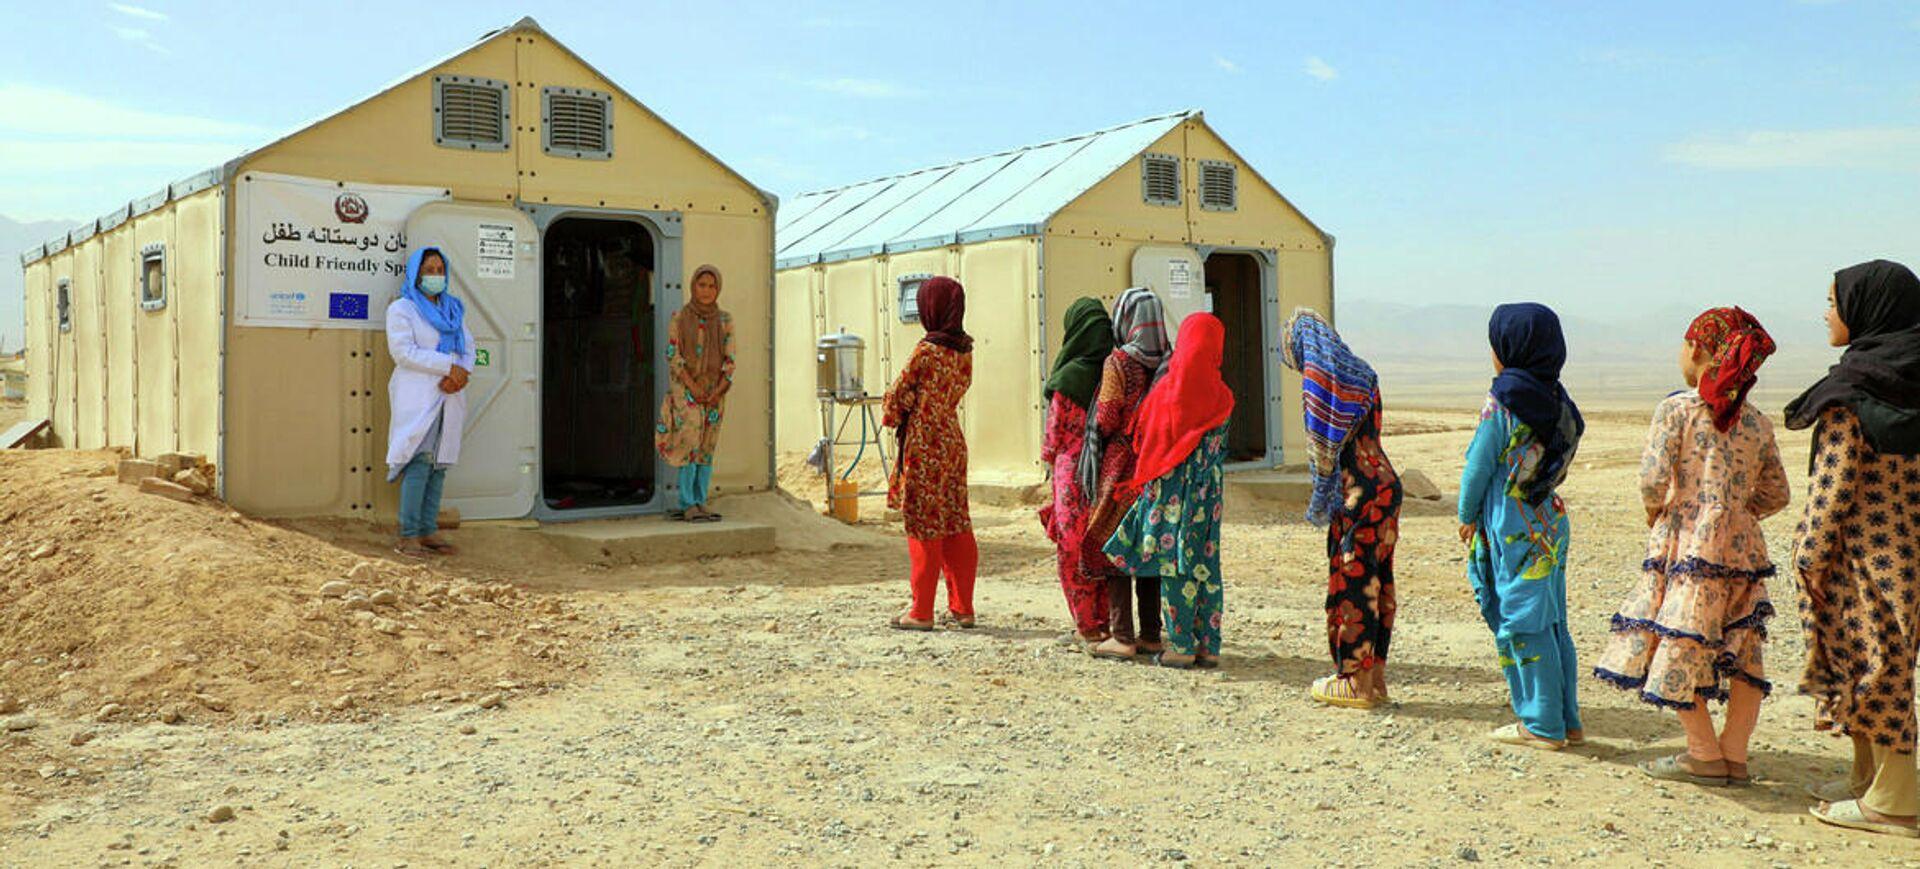 Niñas afganas desplazadas por el conflicto asisten a clases en un campamento para personas desplazadas - Sputnik Mundo, 1920, 02.09.2021